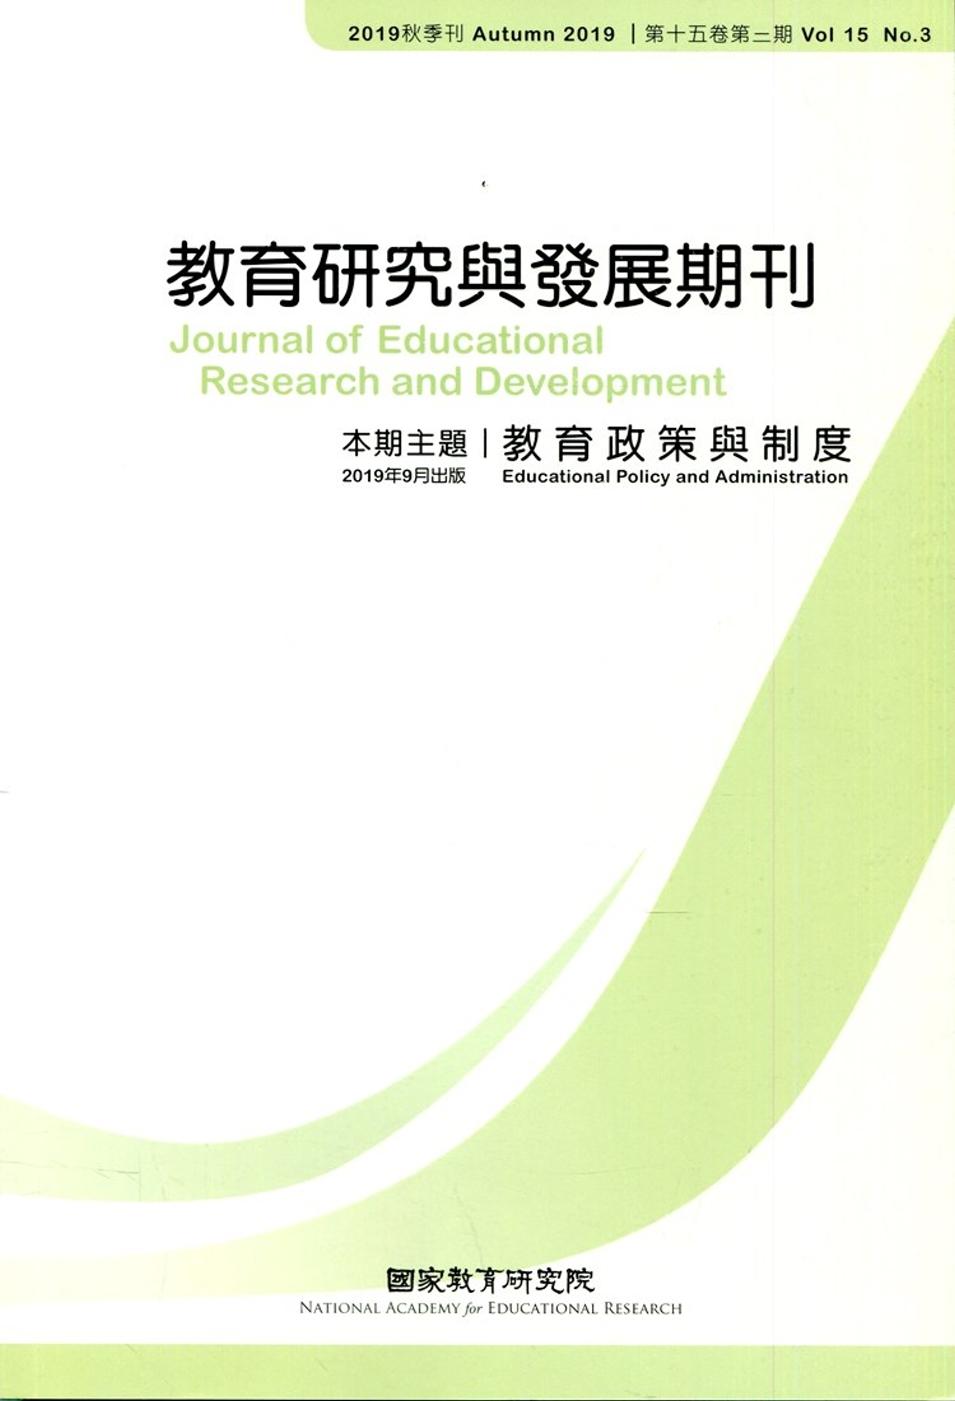 教育研究與發展期刊第15卷3期(108年秋季刊)